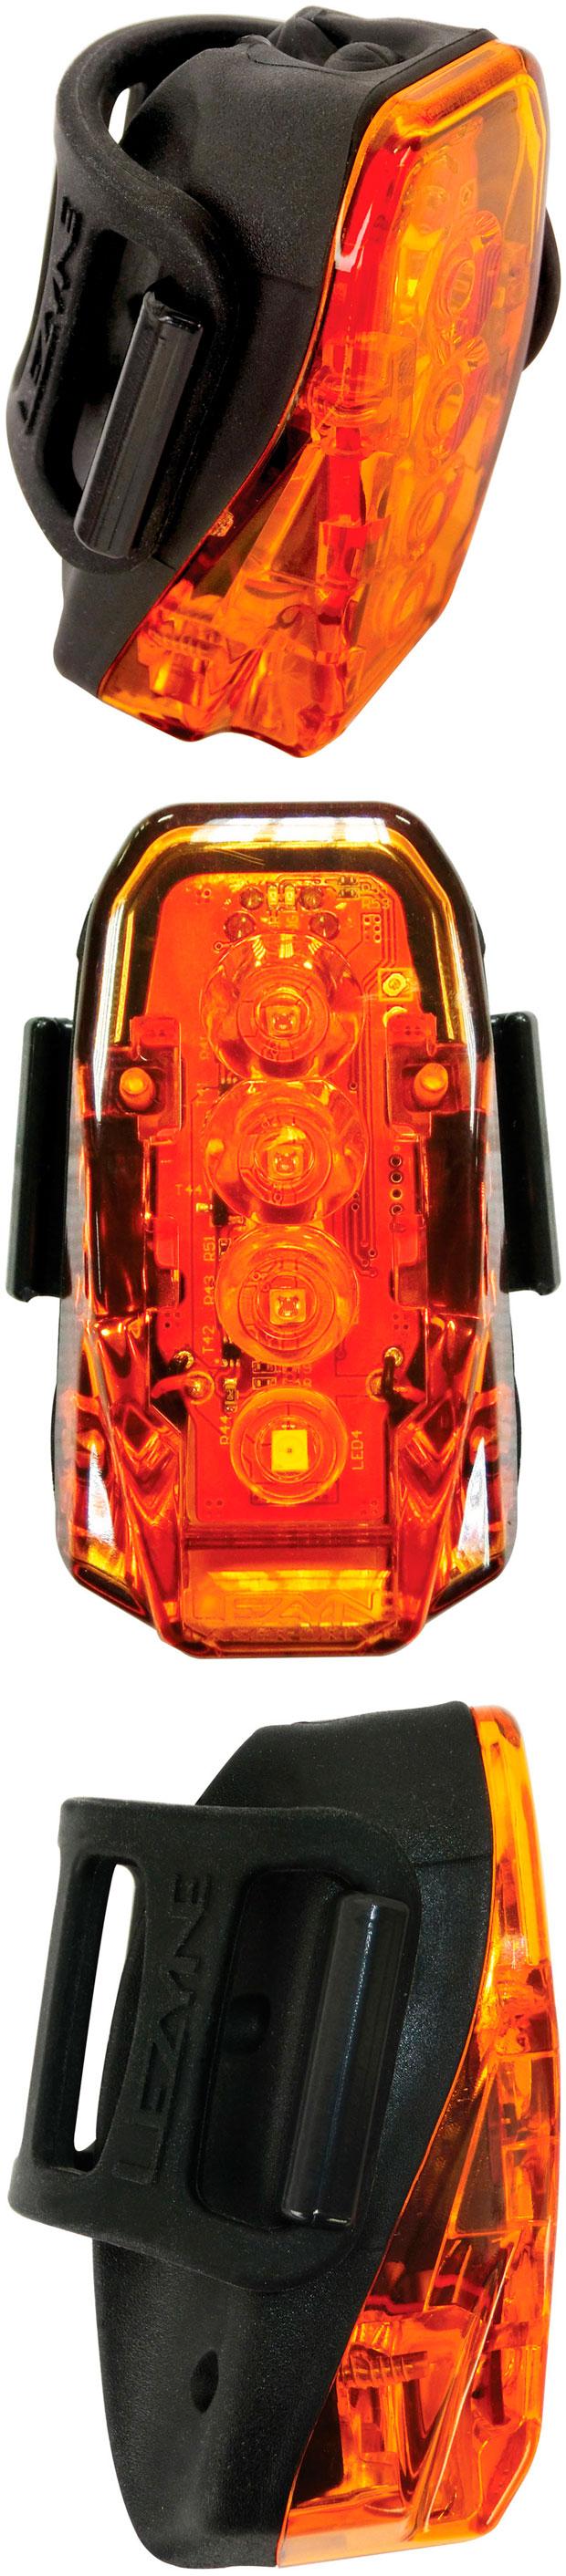 En TodoMountainBike: Lezyne Laser Drive, un foco trasero con luz diurna y zona de seguridad proyectada en el suelo